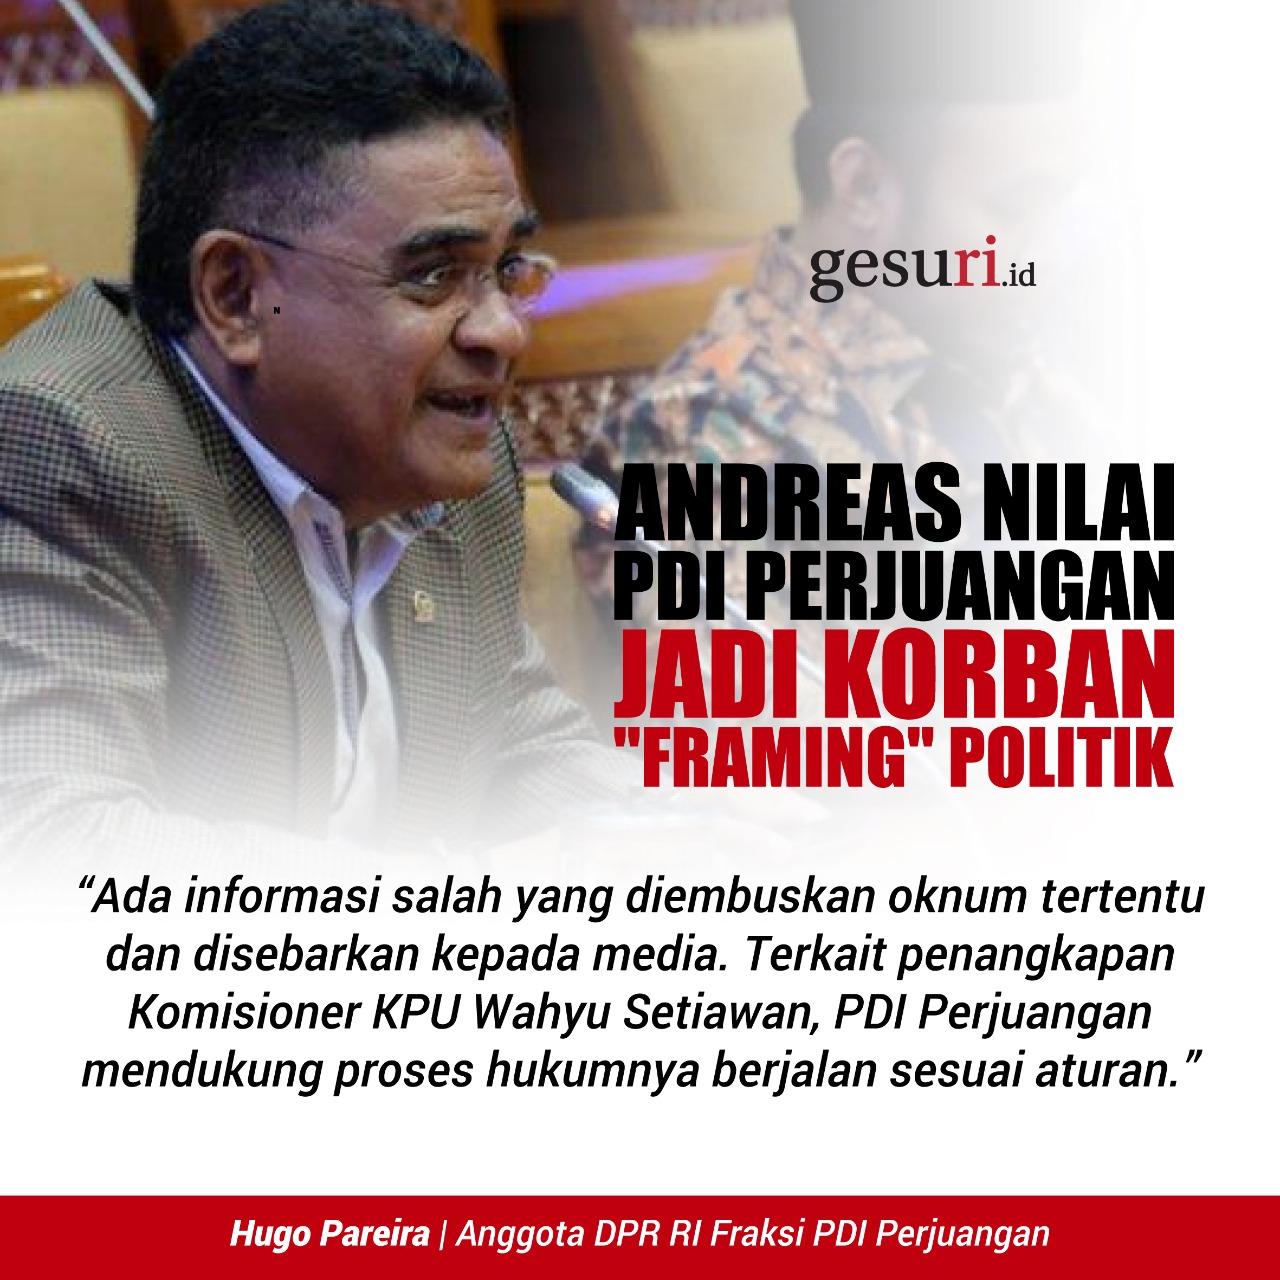 Andreas Nilai PDI Perjuangan Jadi Korban Framing Politik